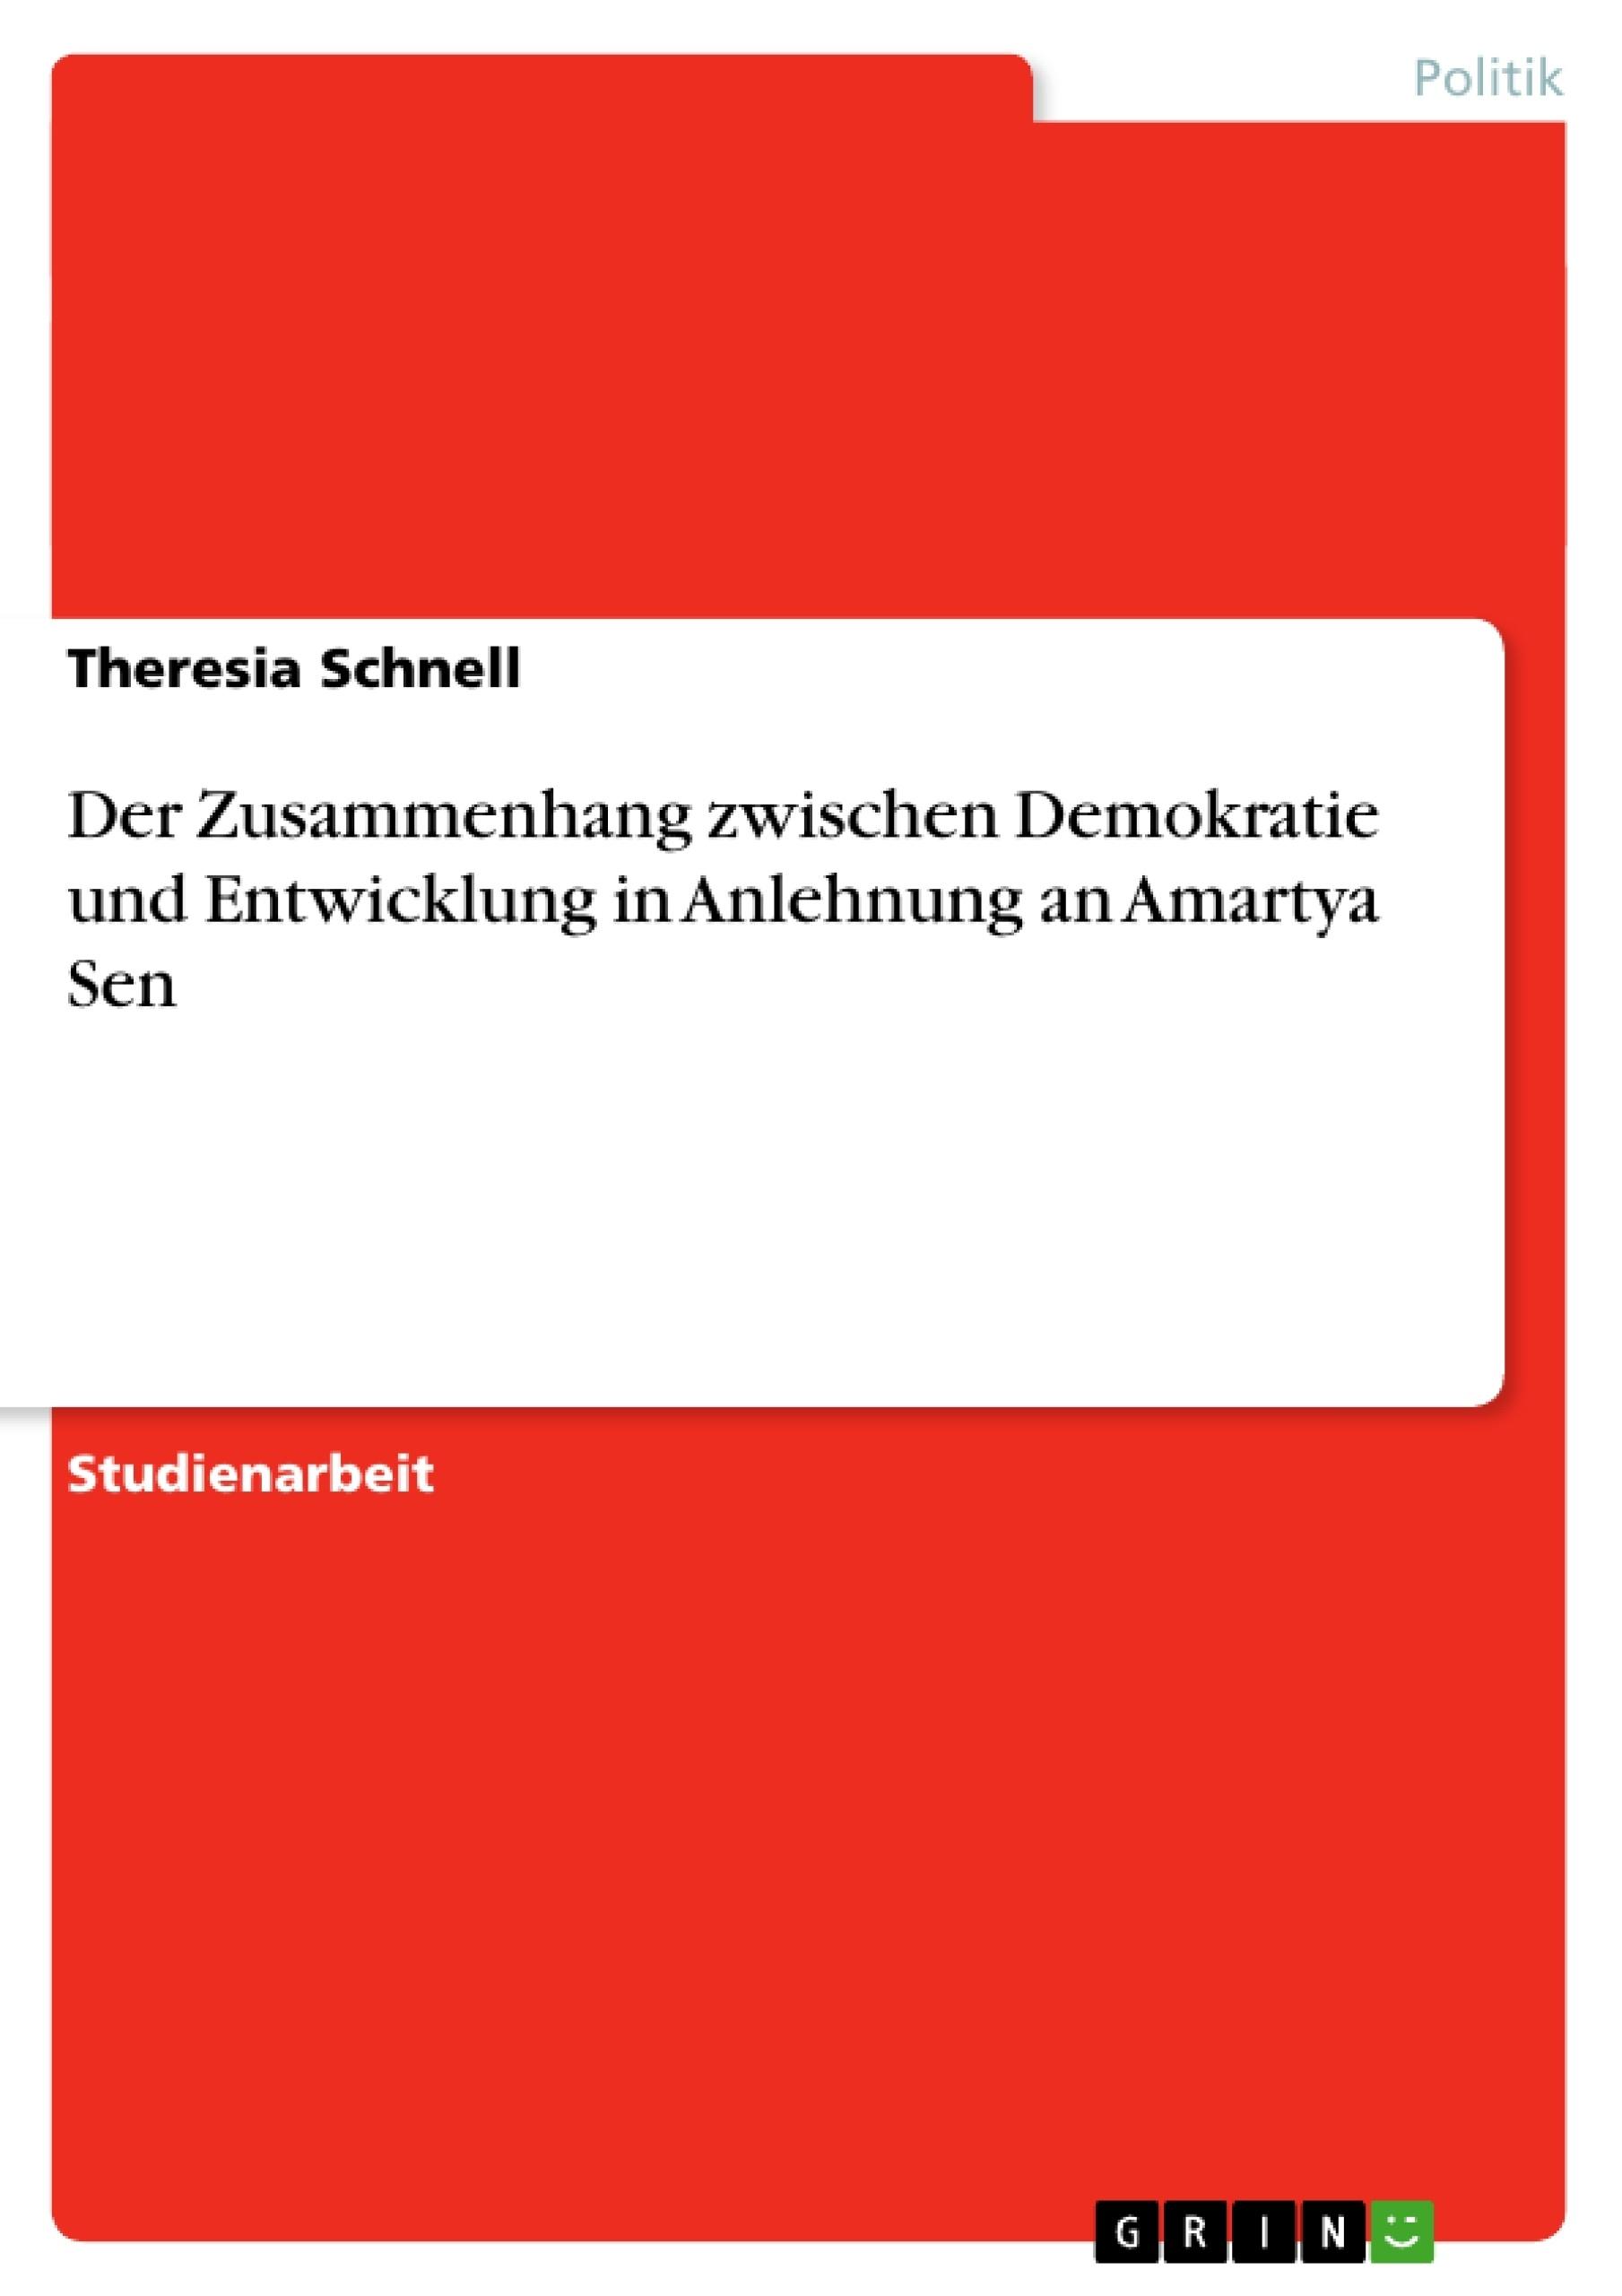 Titel: Der Zusammenhang zwischen Demokratie und Entwicklung in Anlehnung an Amartya Sen